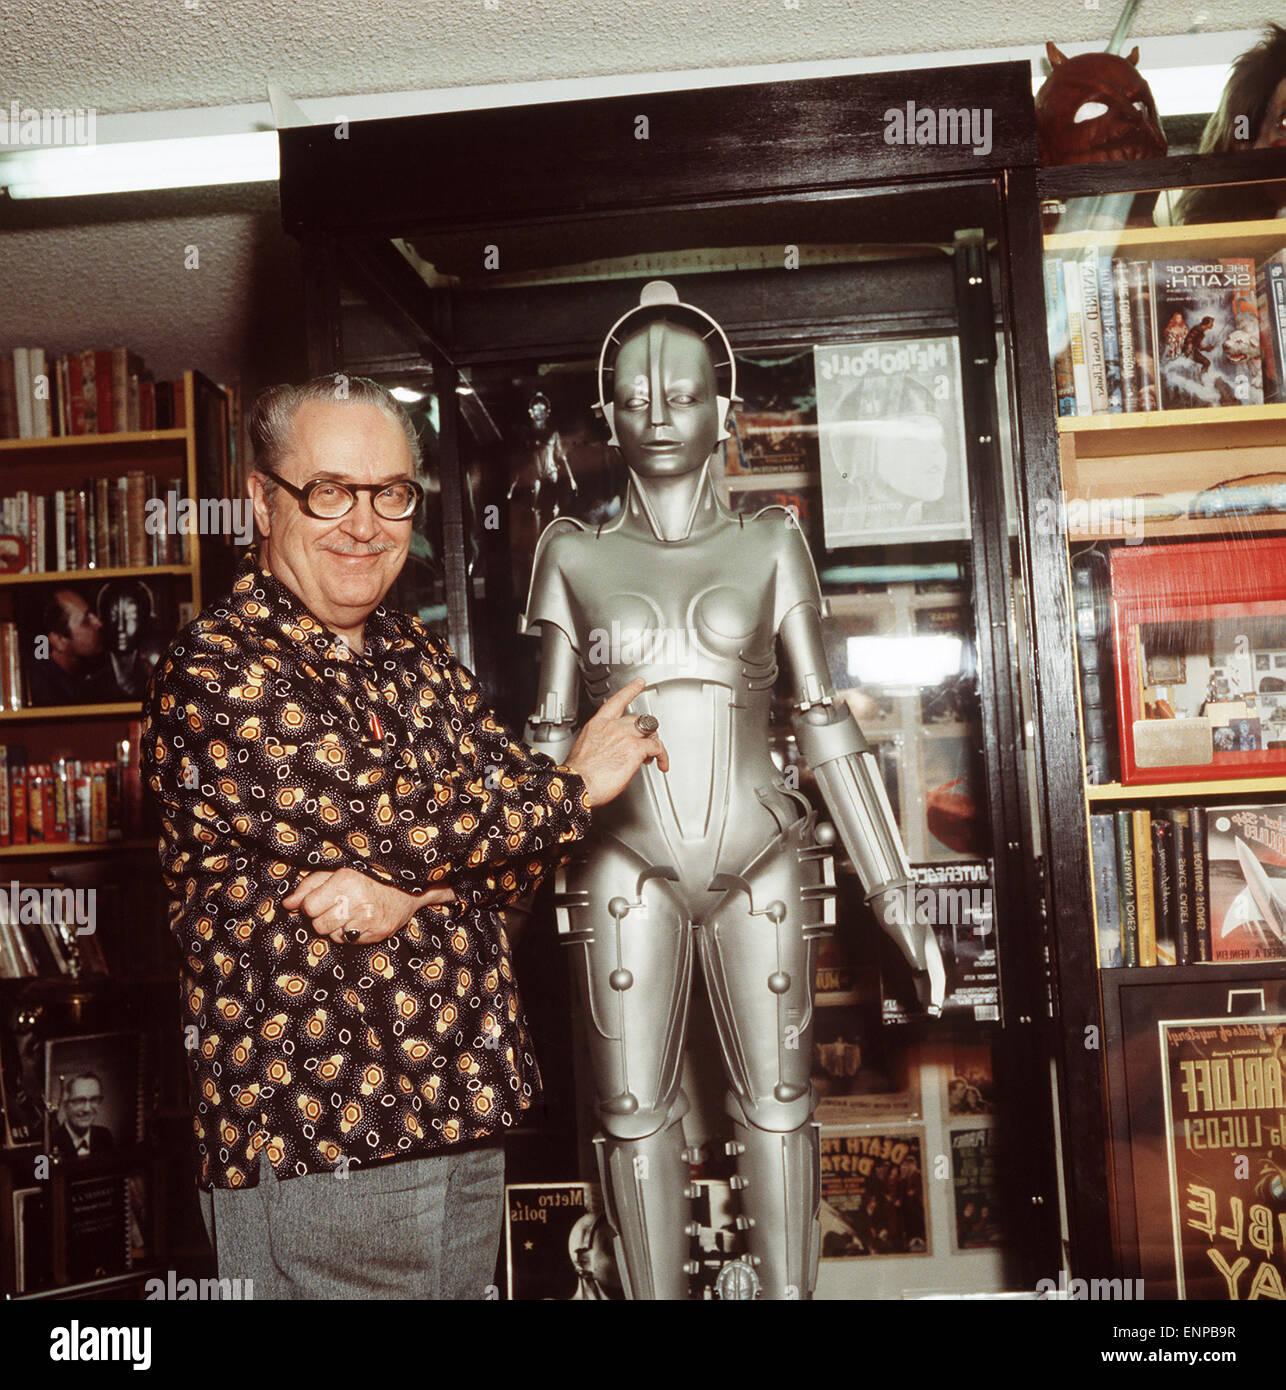 Der US-Amerikaner Forrest James Ackerman (1916 - 2008), bekannt als Mr. Science Fiction. Autor, Verleger und Sammler - Stock Image